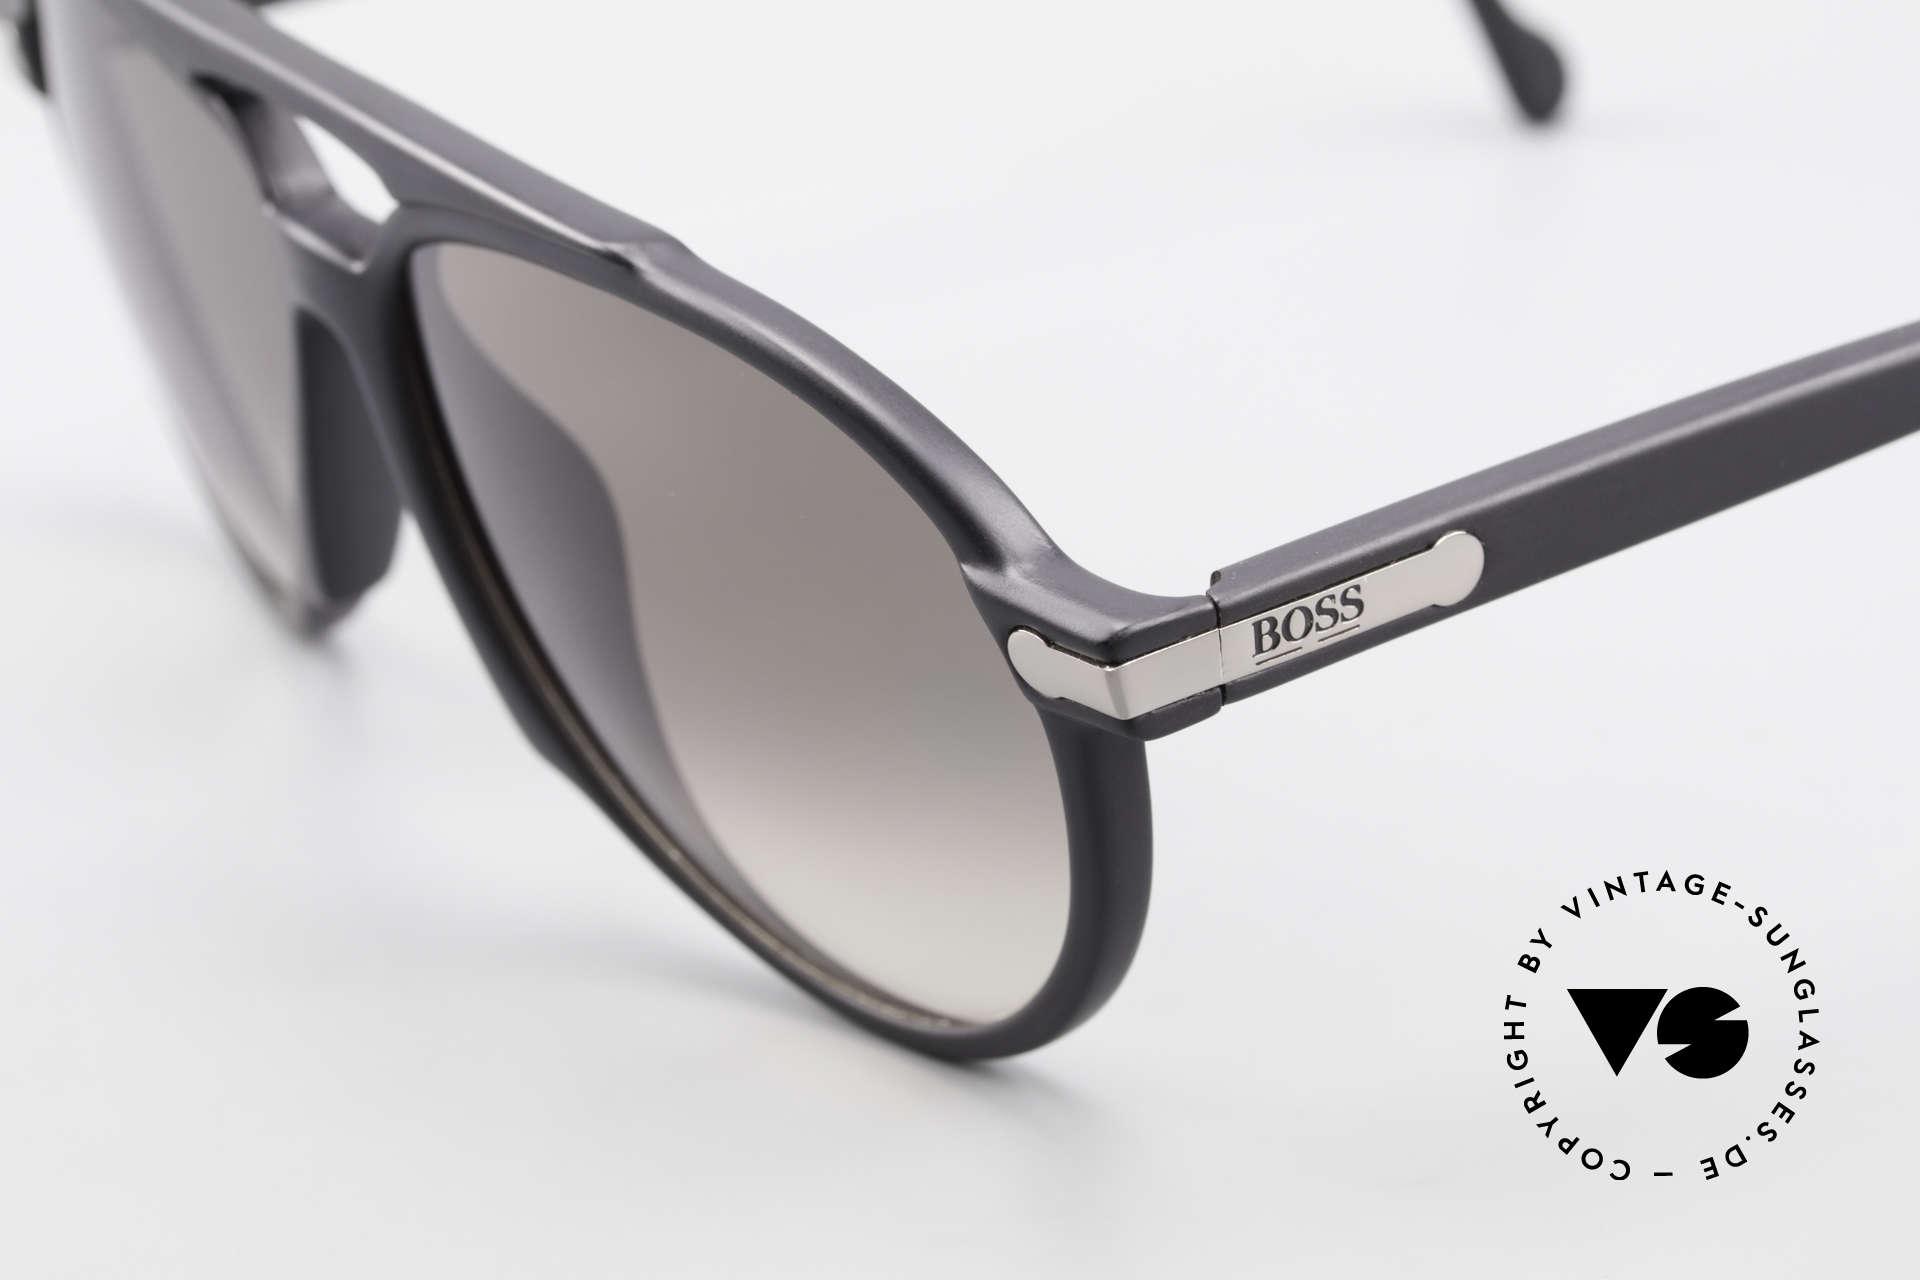 BOSS 5150 90er Vintage Pilotenbrille, sehr leicht und Top-Qualität (Optyl-Material), Passend für Herren und Damen